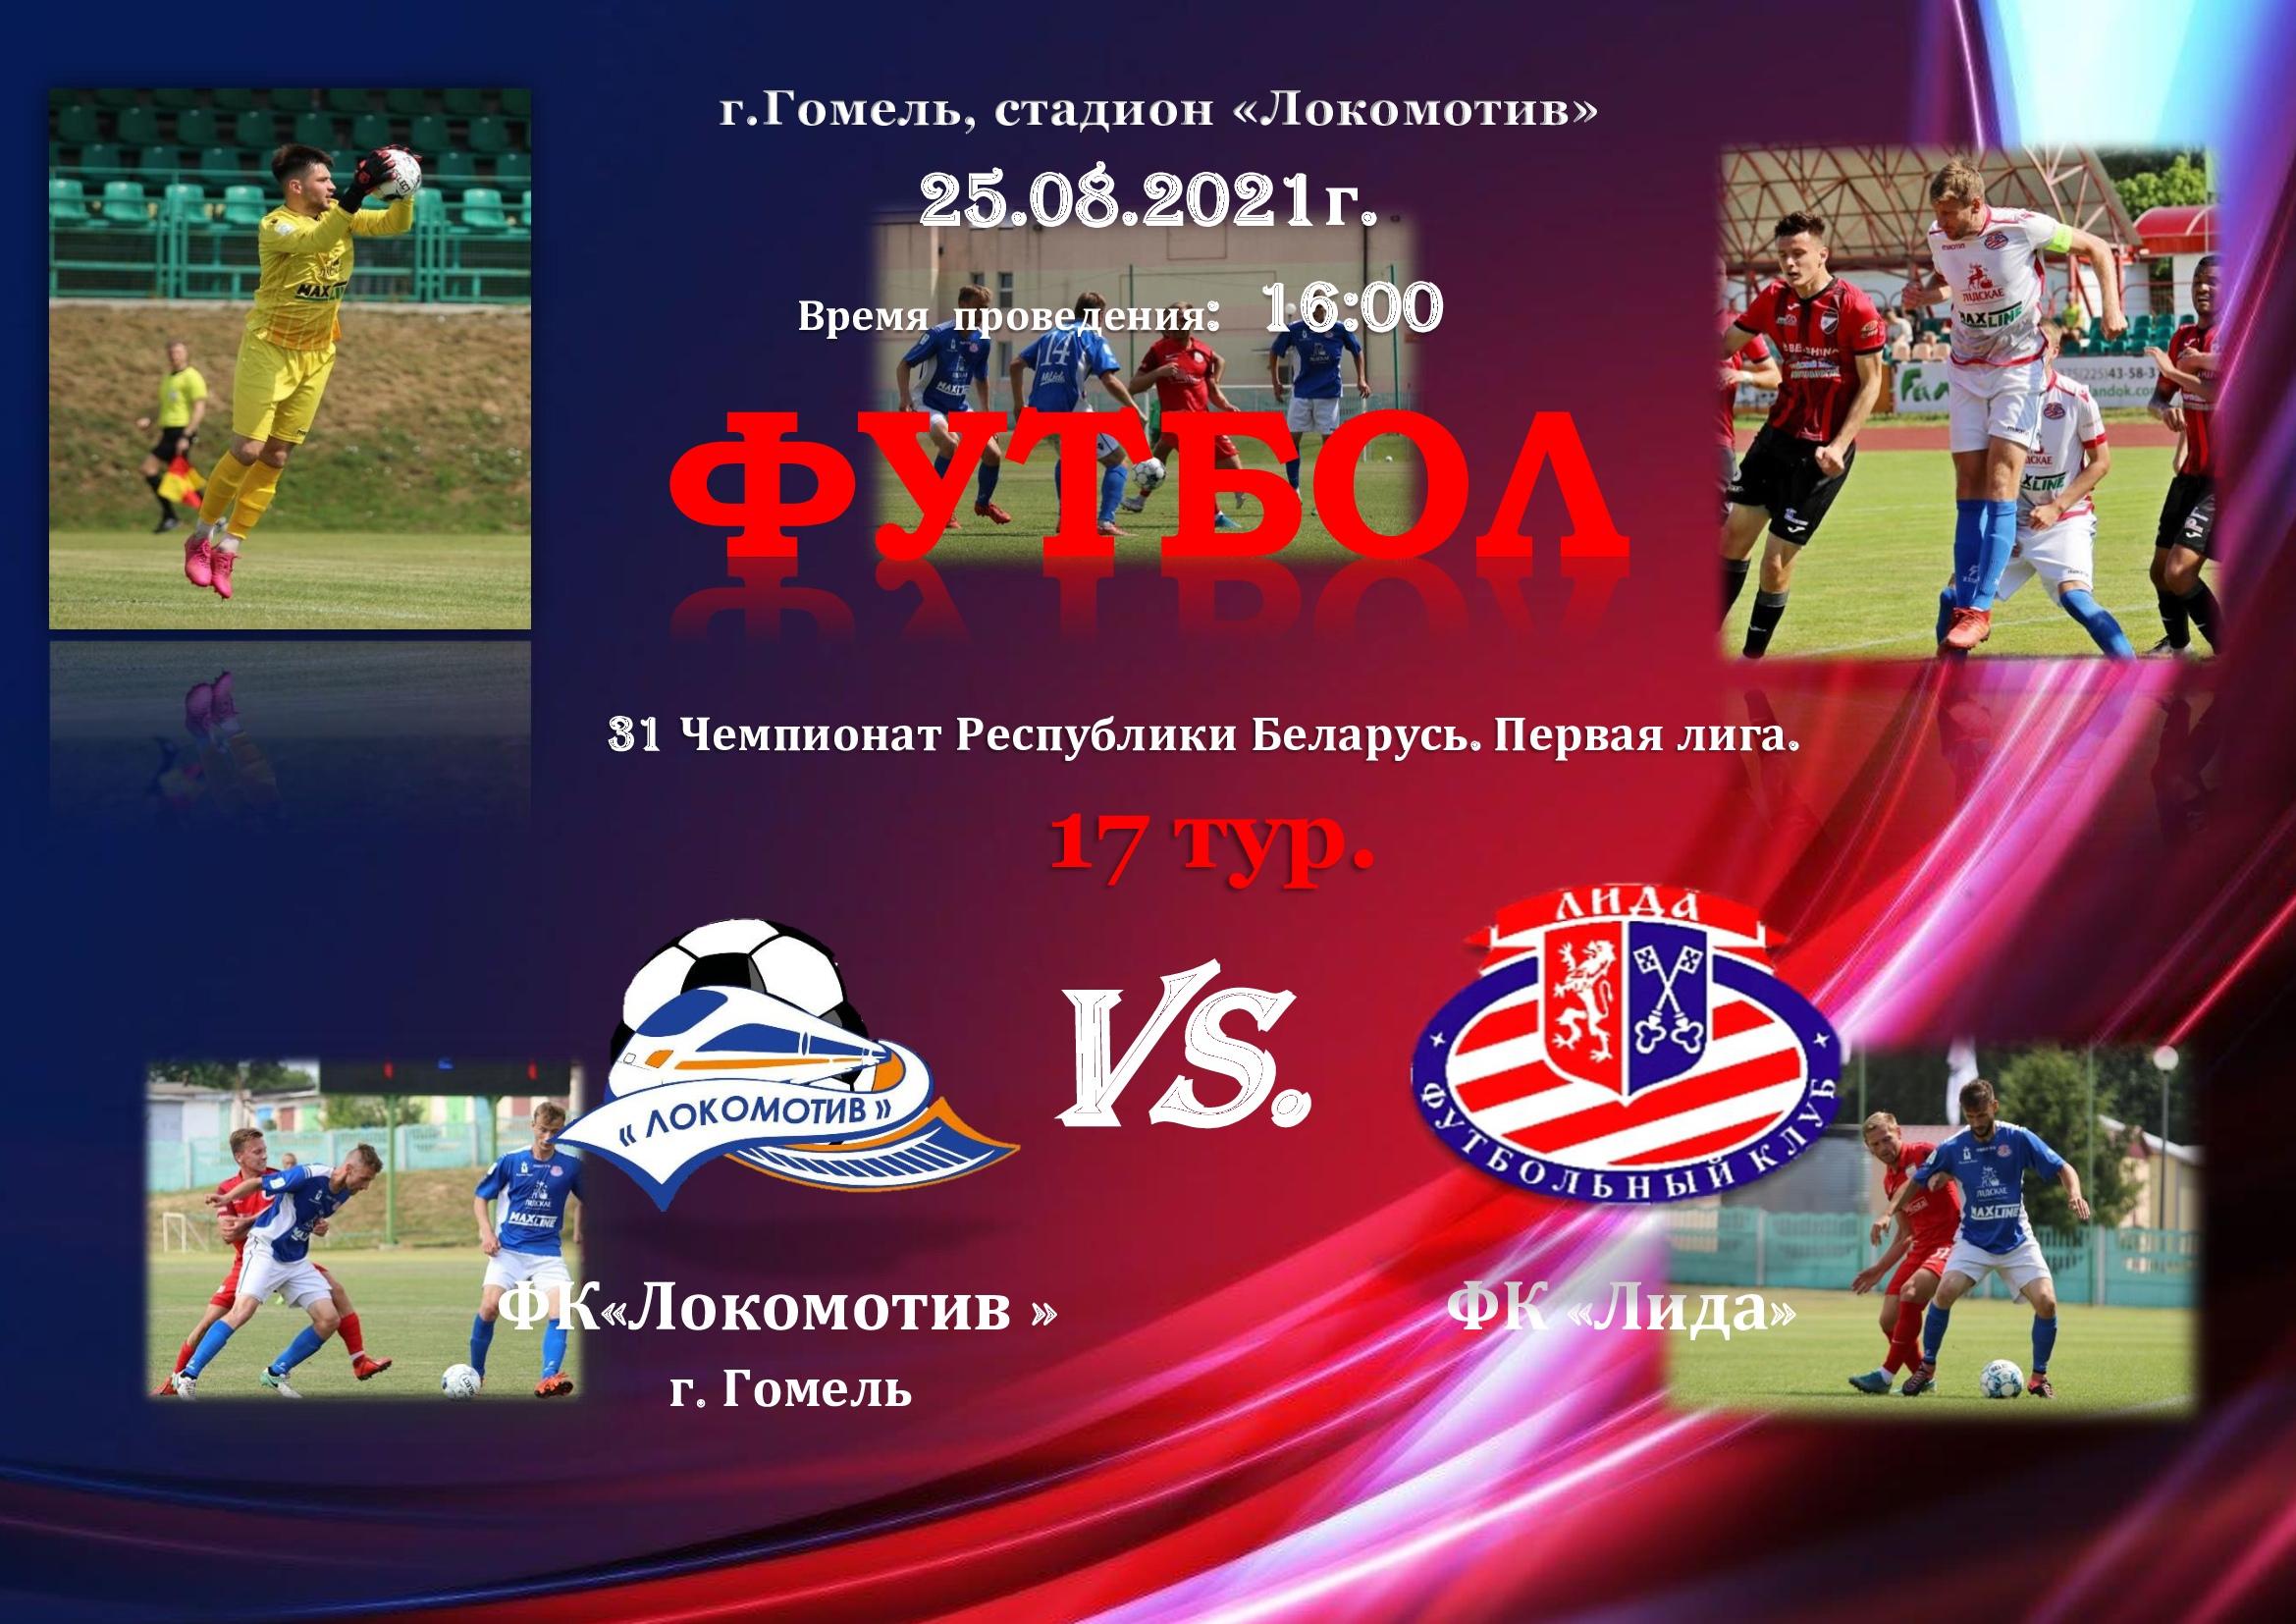 Футбольный клуб «Лида» проведет сегодня матч 17-го тура чемпионата страны в первой лиге